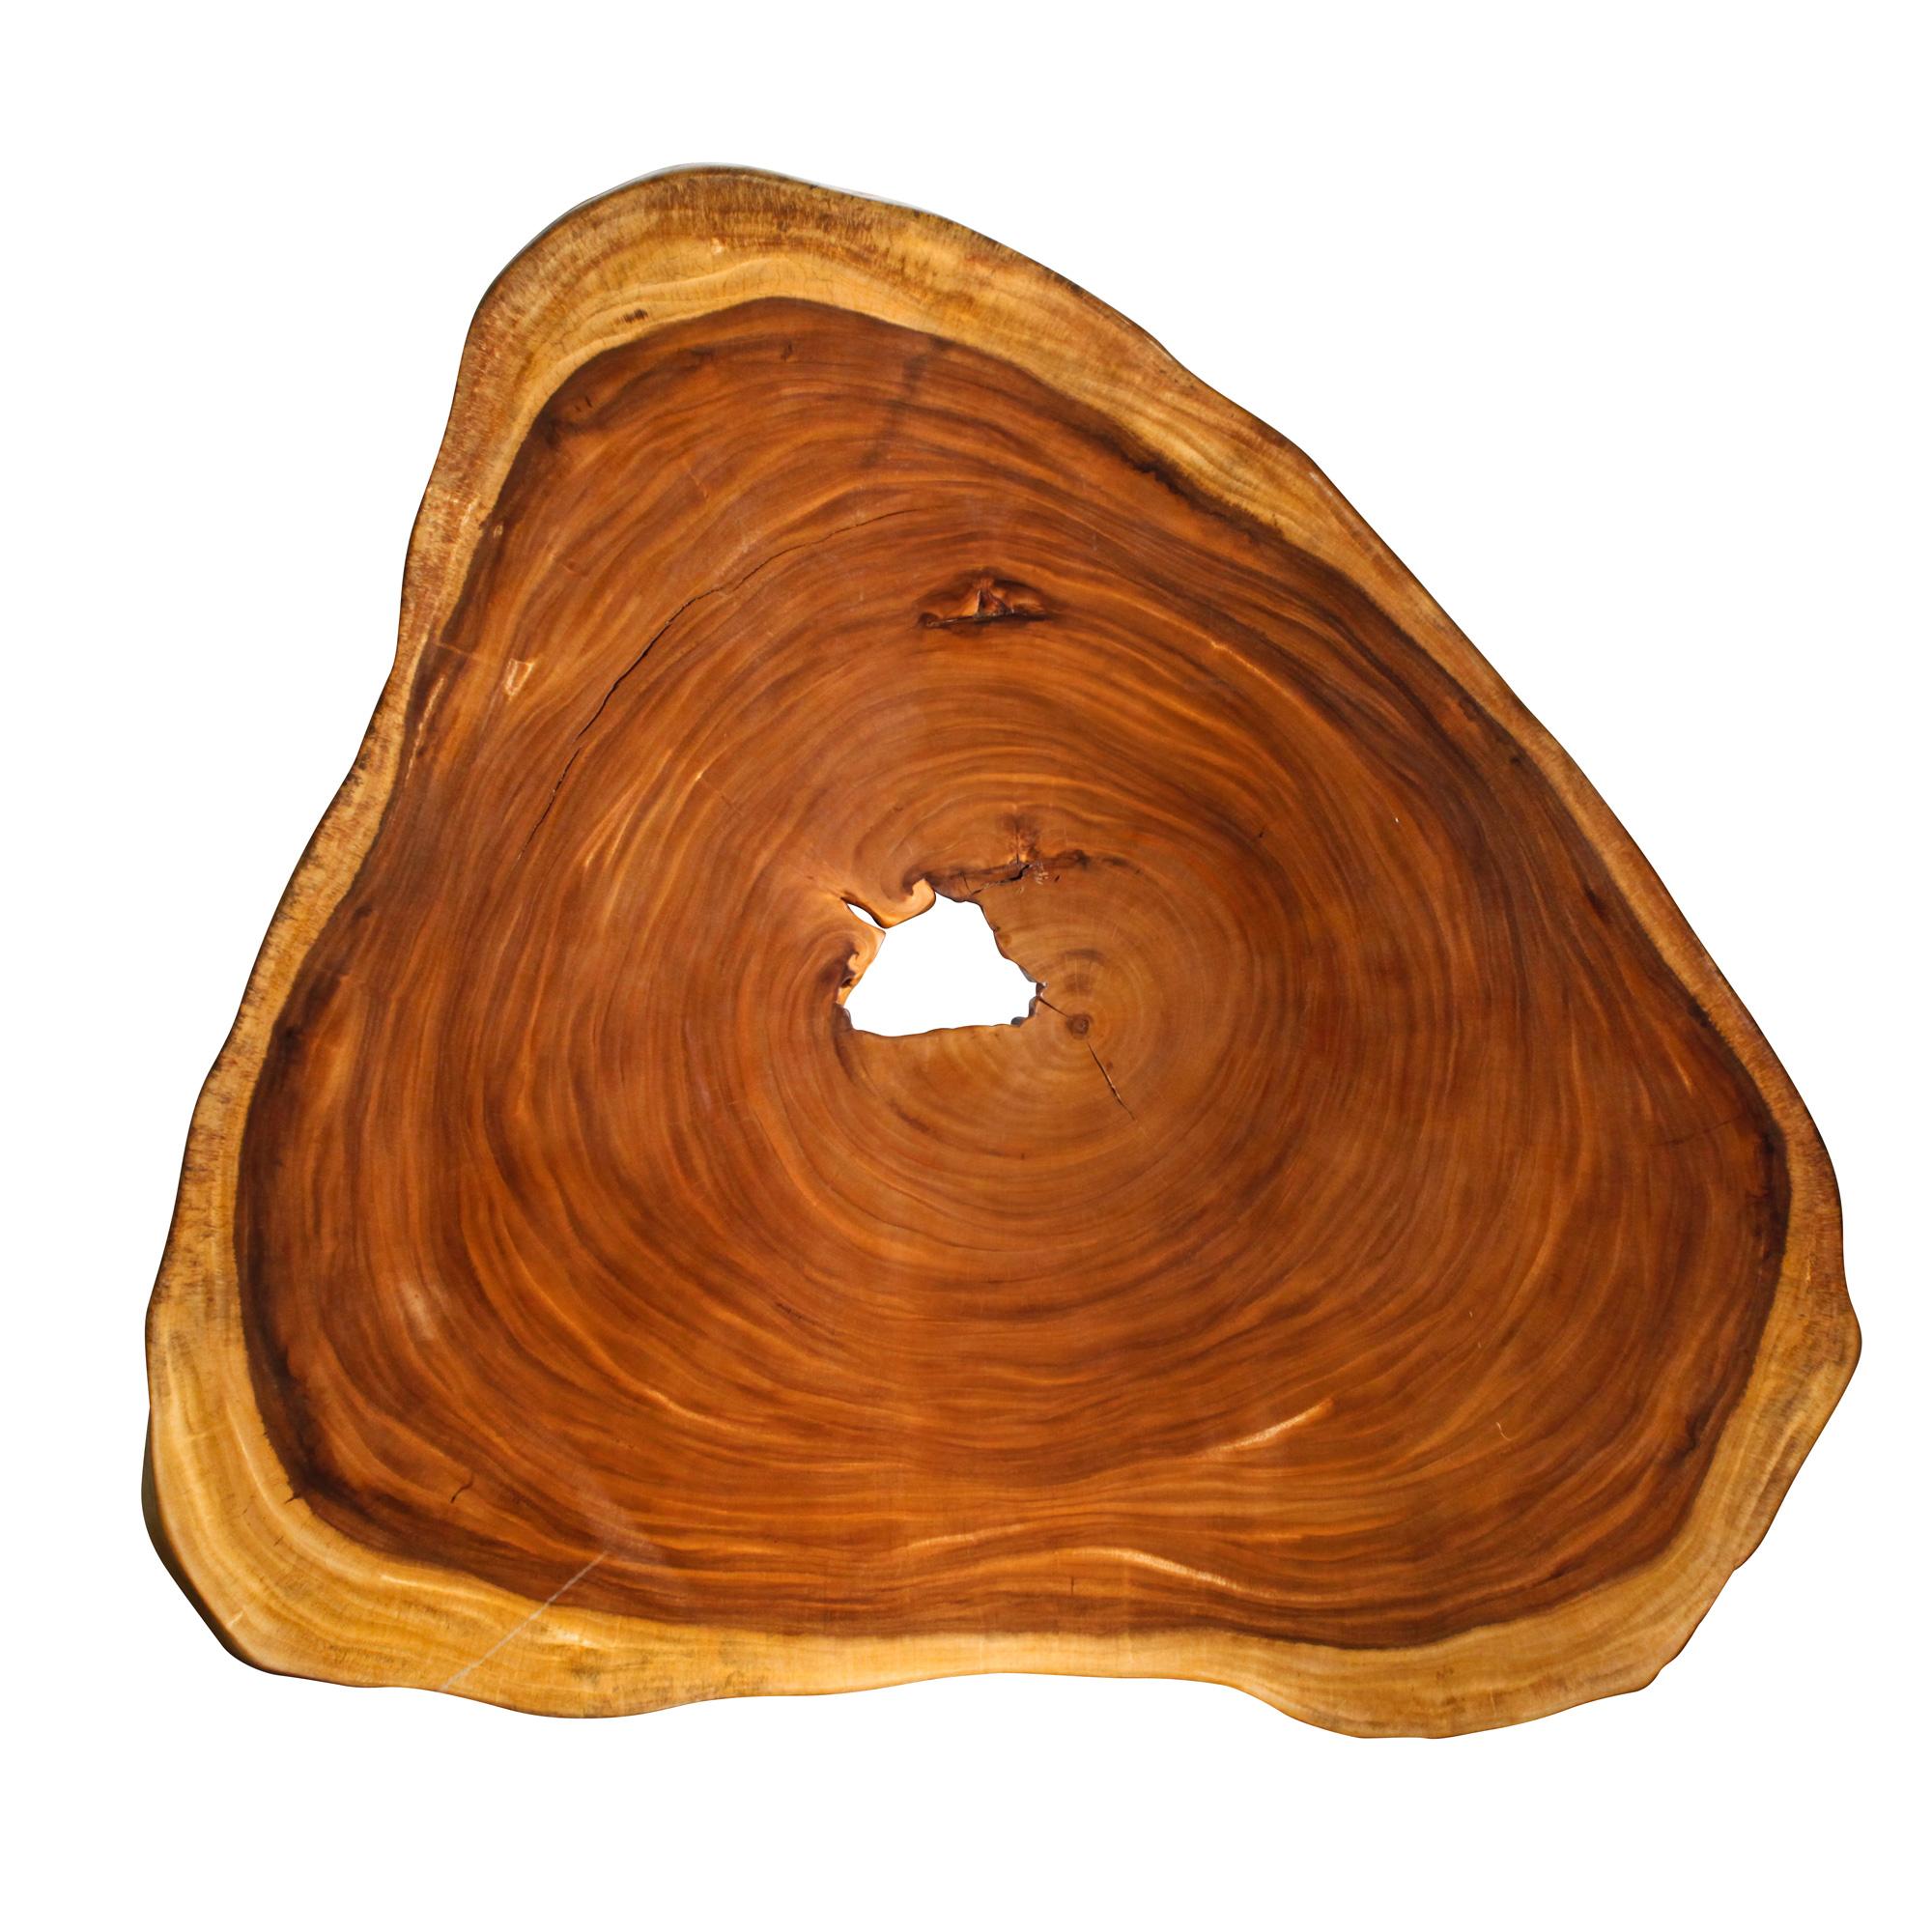 Saman Natural Wood Art - RG7